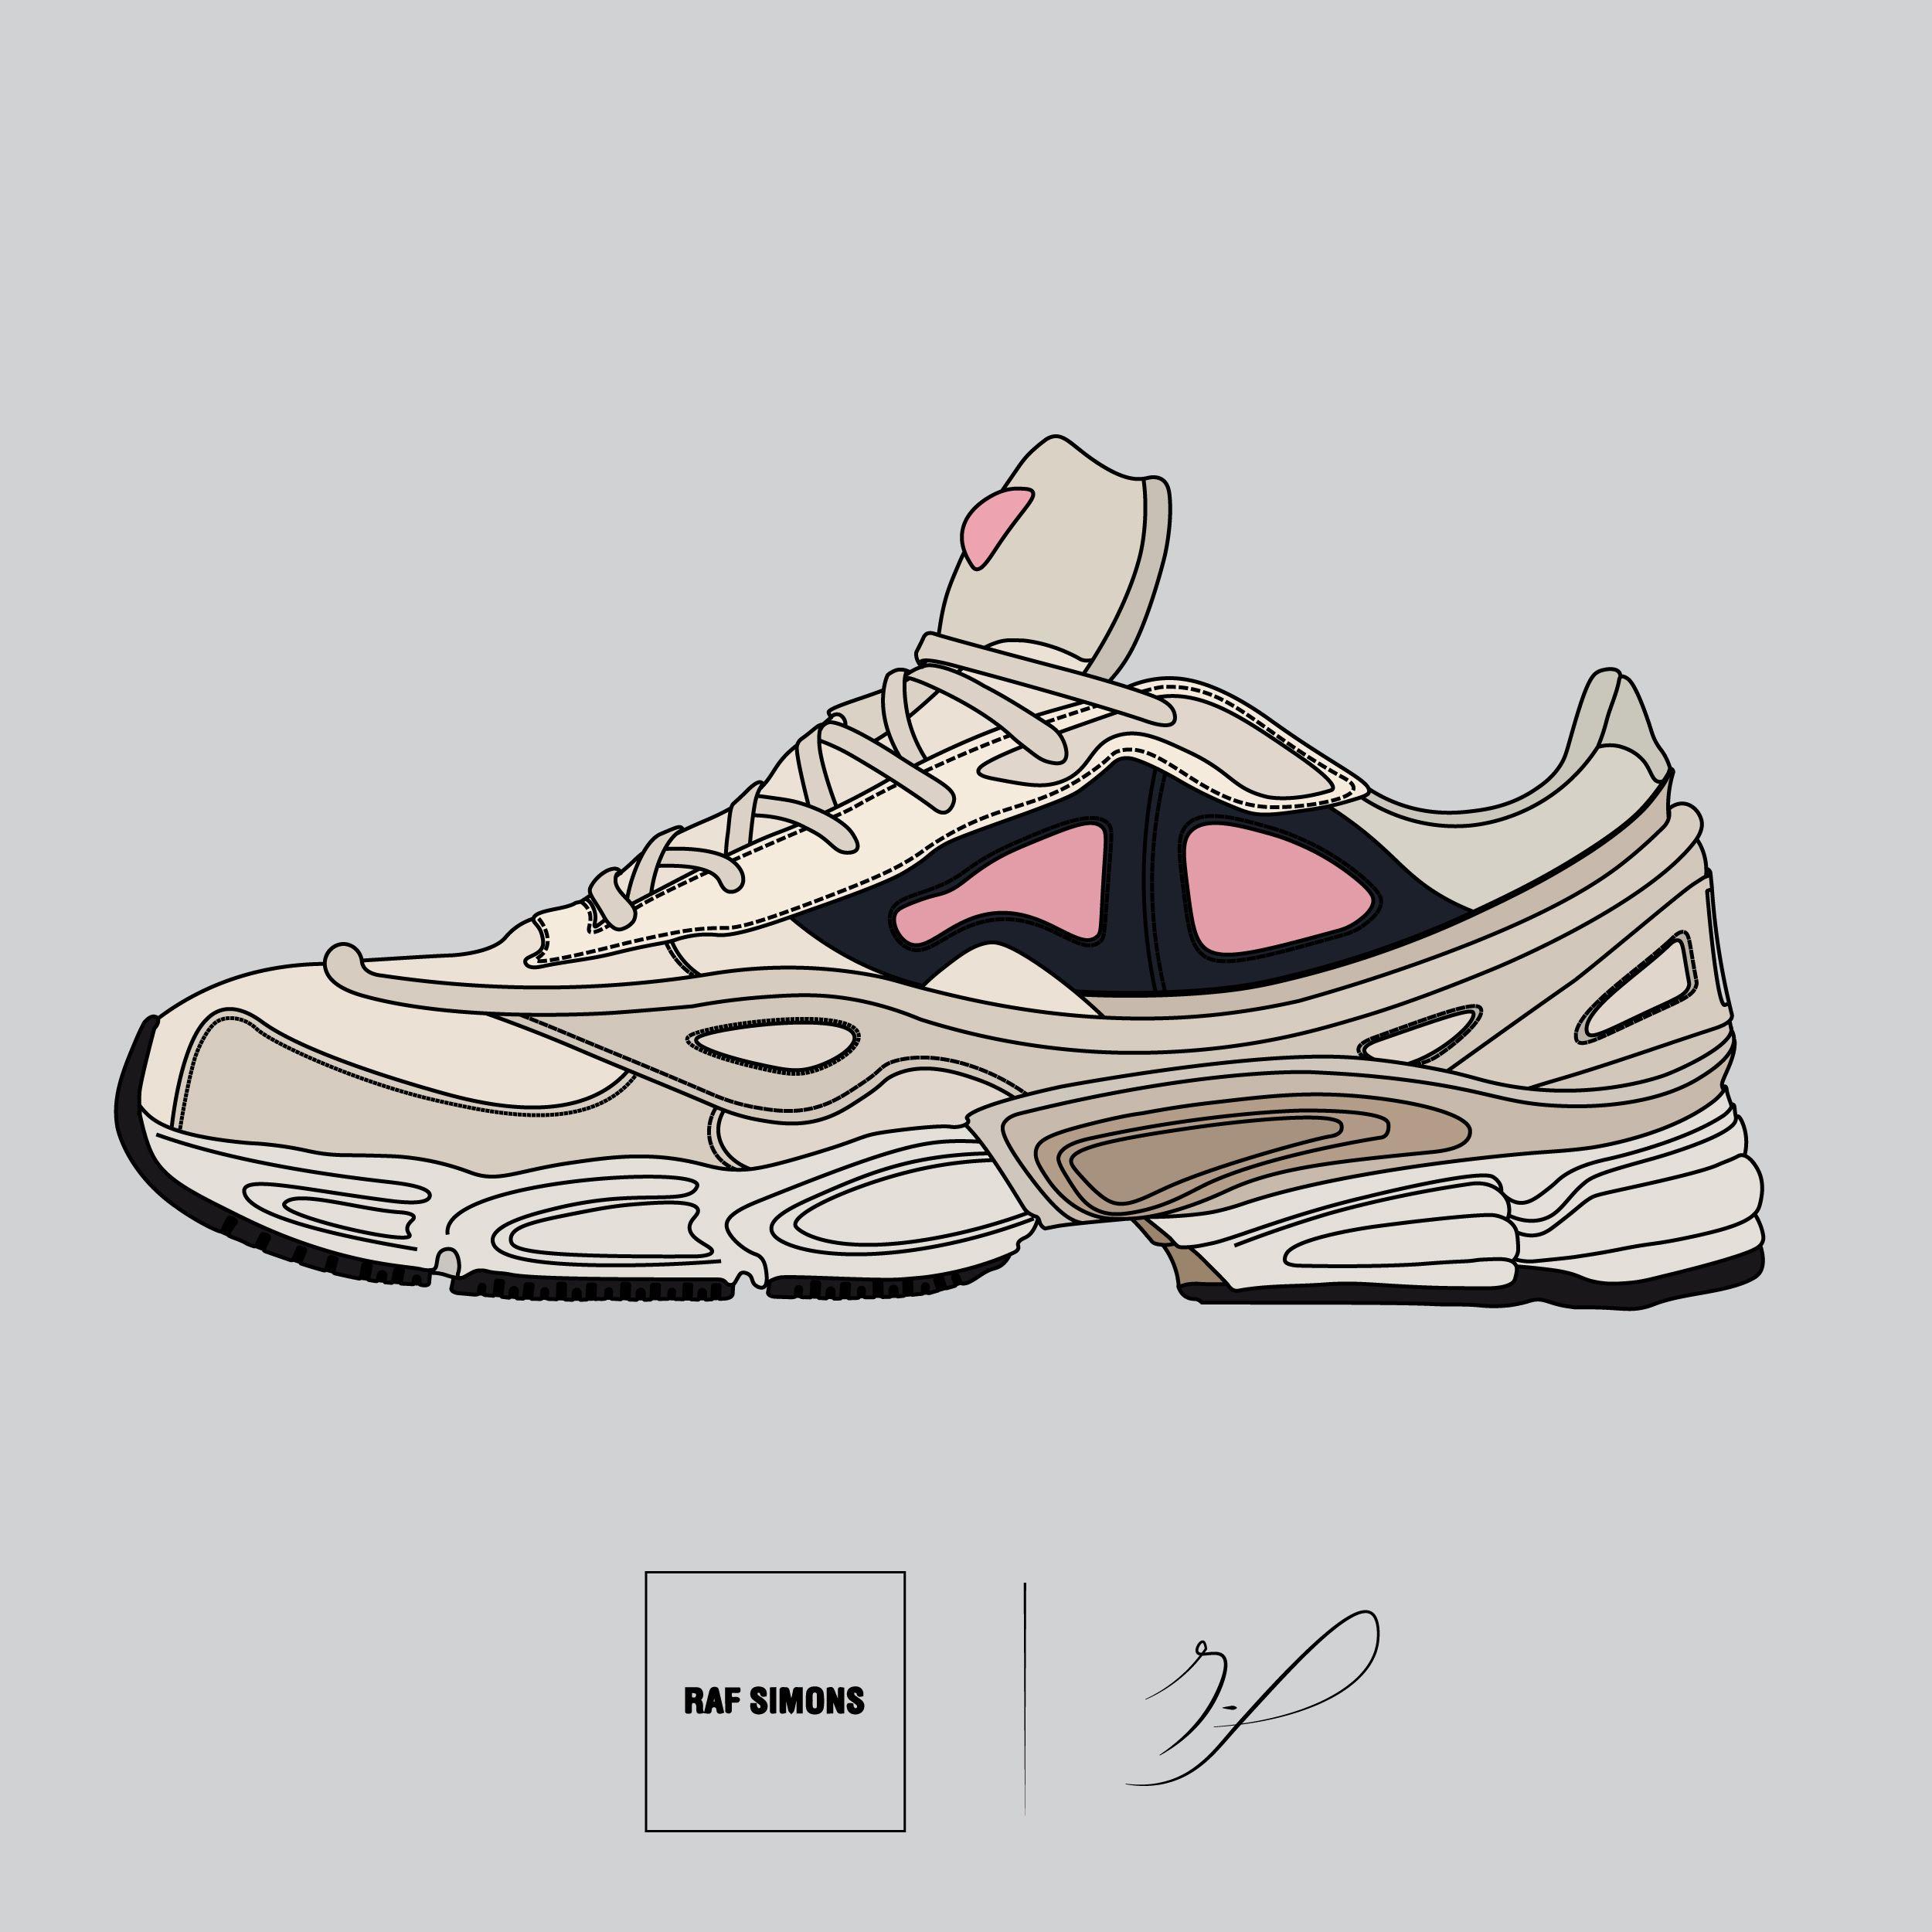 cp9391 adidas crazytrain beige élite chaussure d'homme / formation